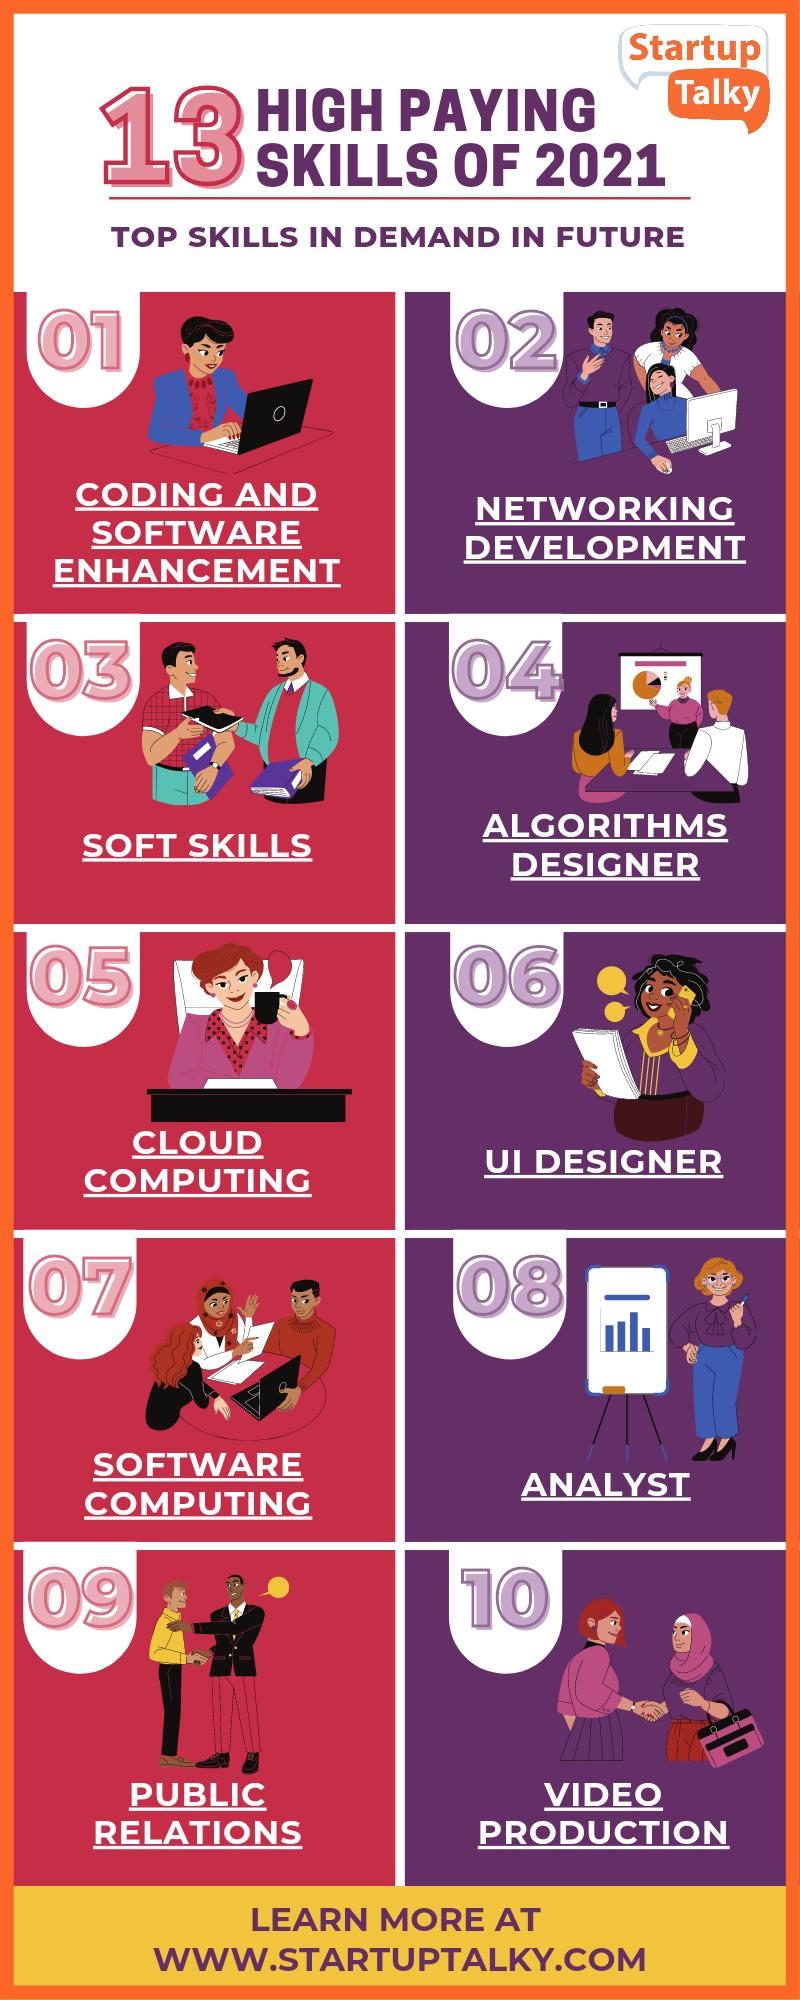 Top Skills in Deman